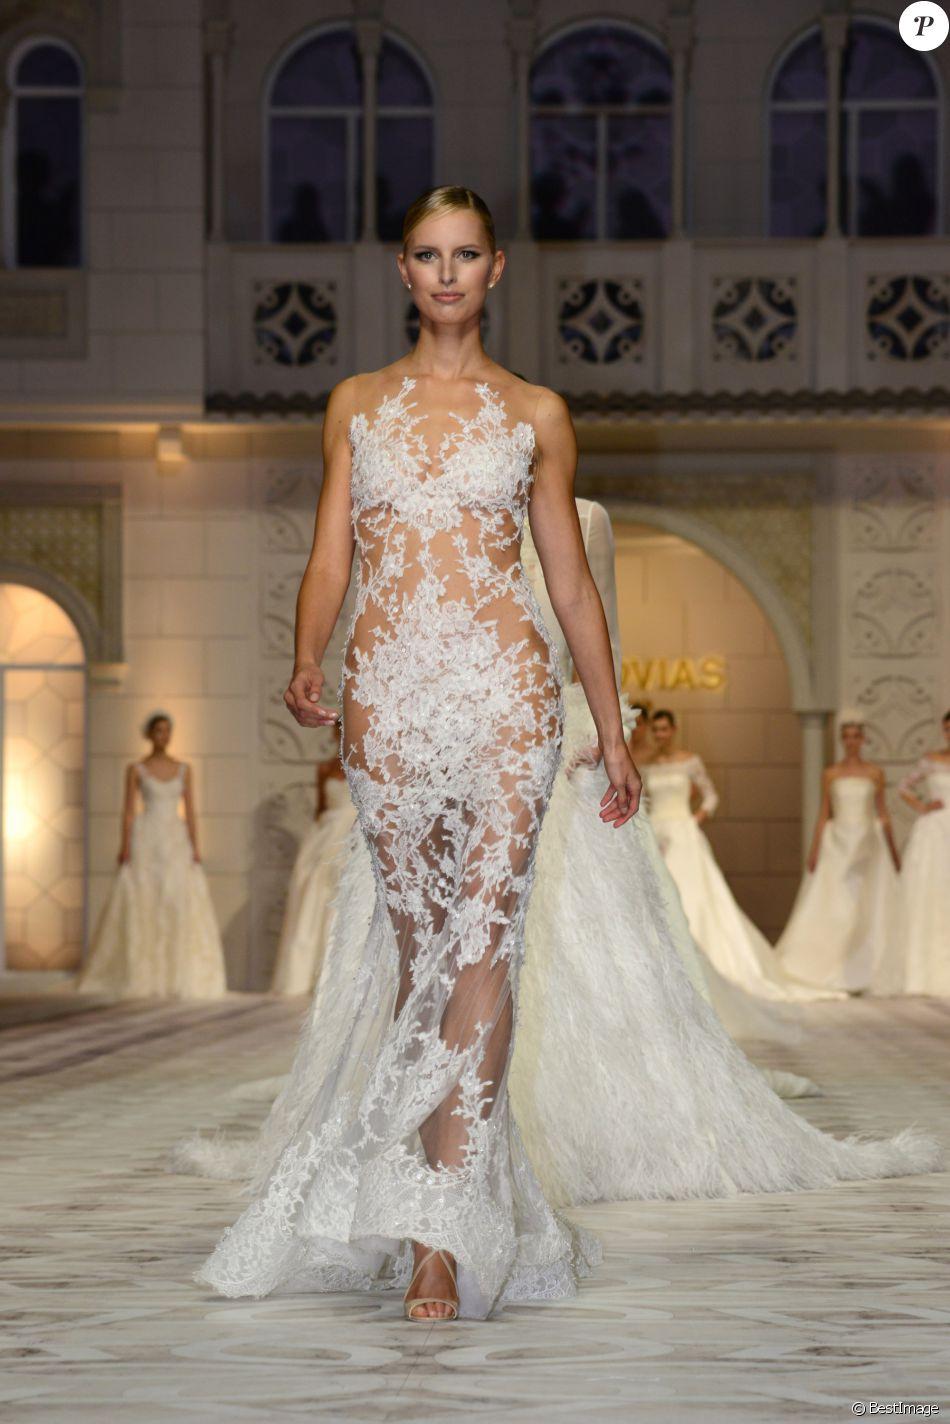 Karolina Kurkova défile pour Pronovias, la maison de couture espagnole de  robes de mariée à Barcelone, le 9 mai 2014.